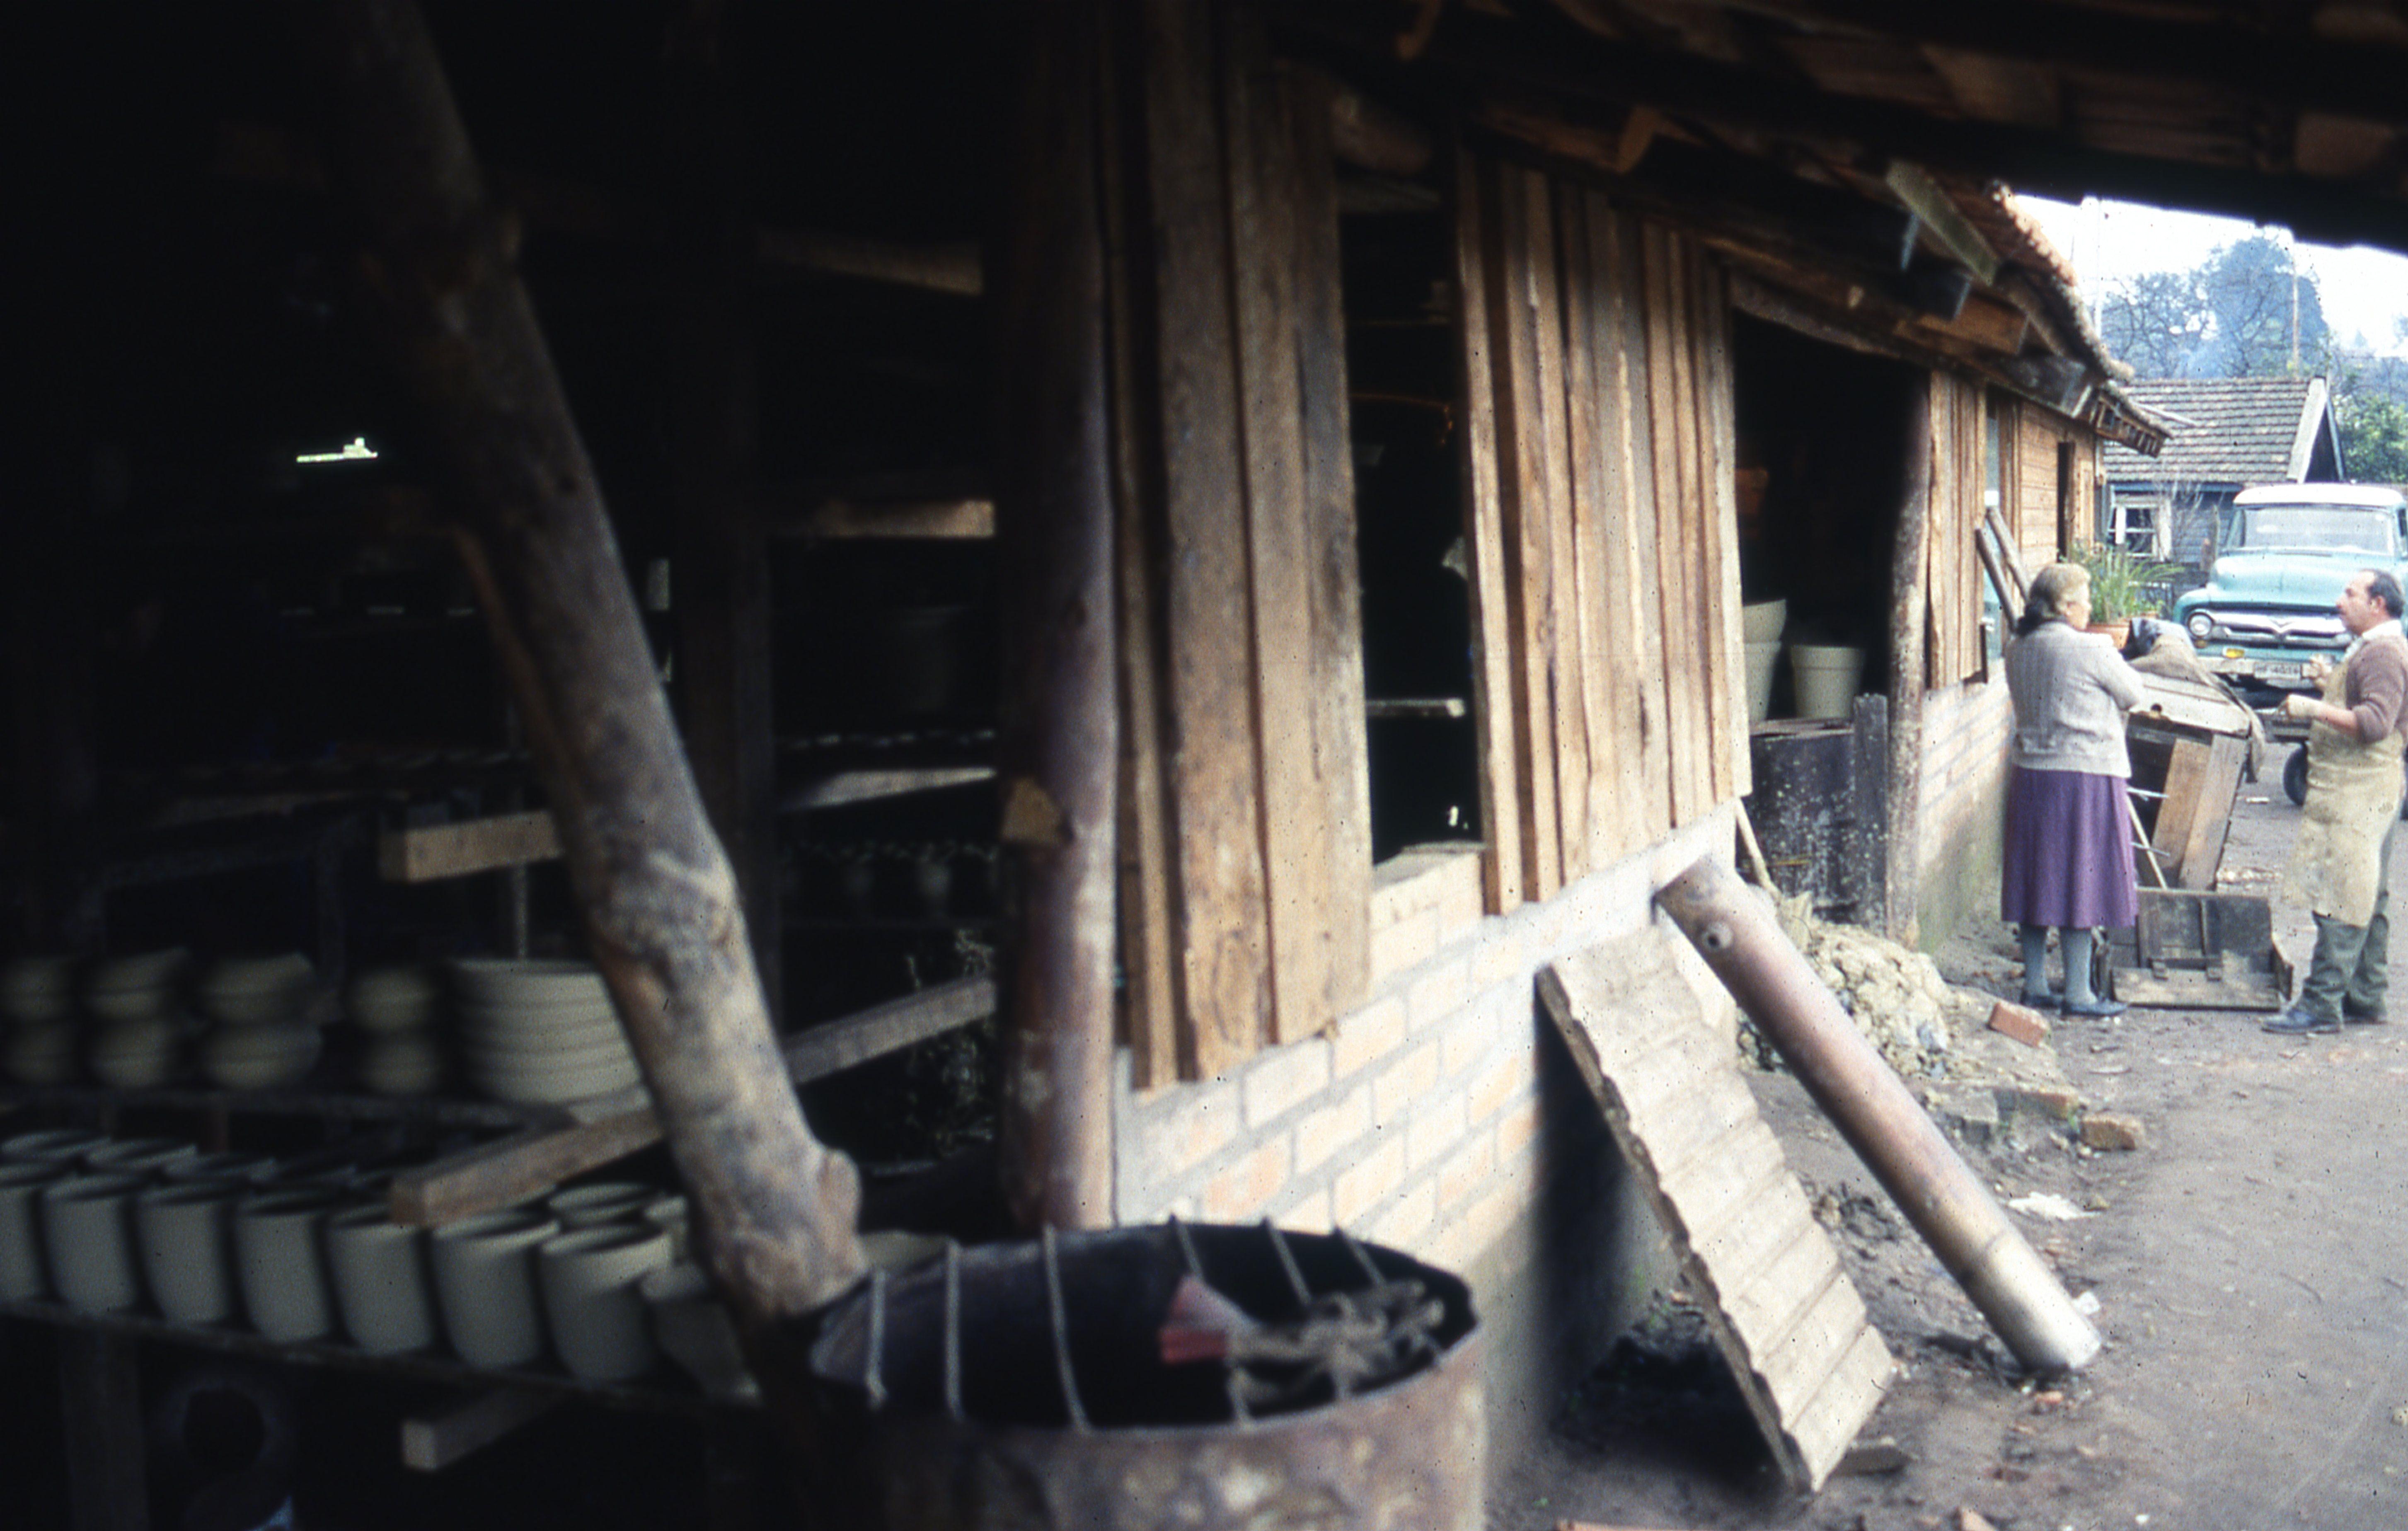 Enterreno - Fotos históricas de chile - fotos antiguas de Chile - Pomaire, 1977